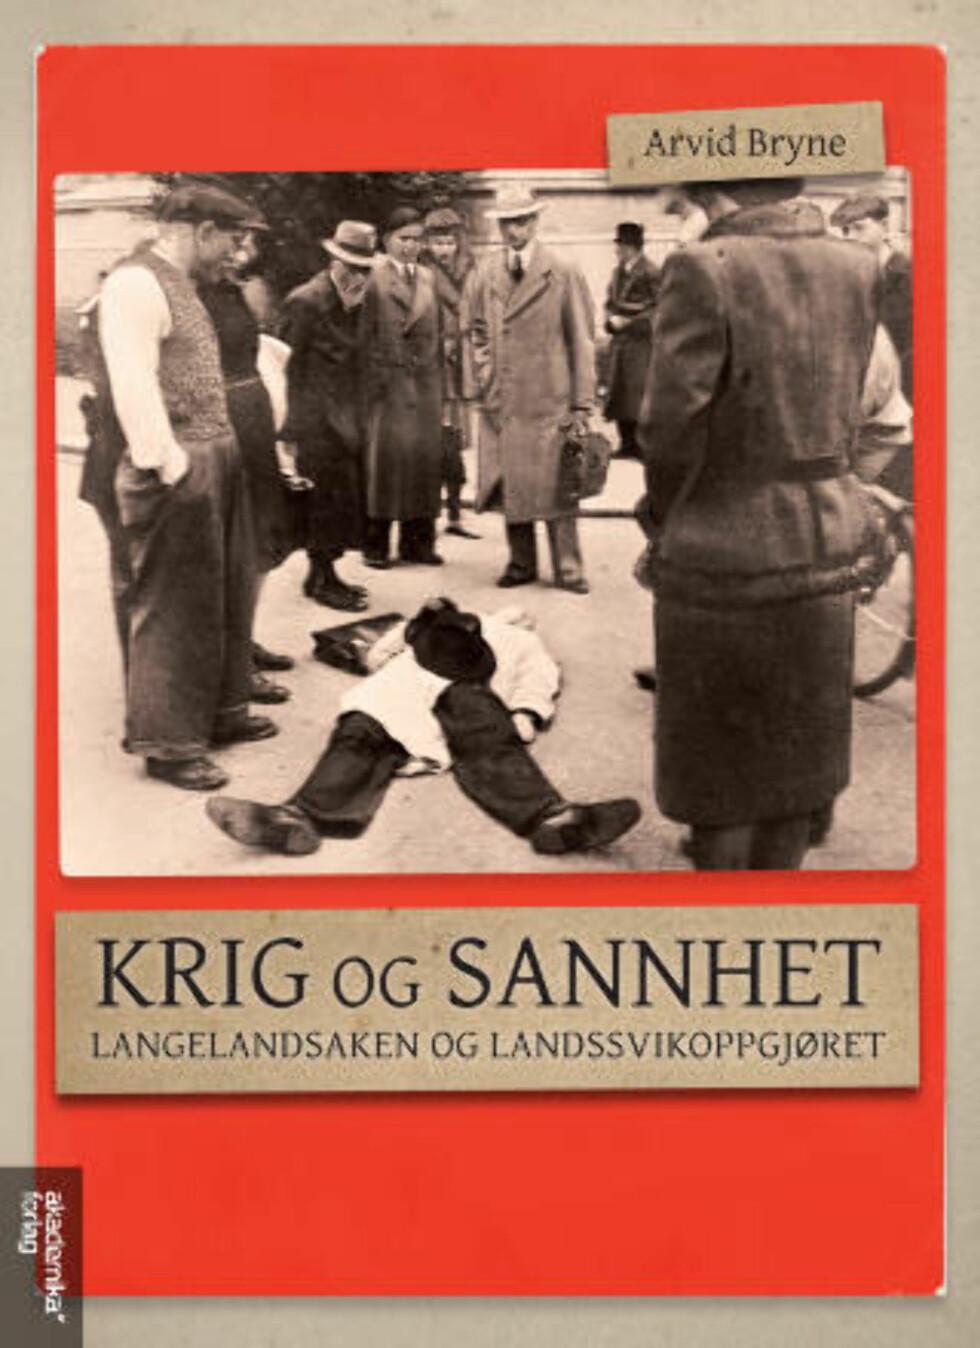 Kritisk bestselger om landssvikoppgjøret ble forbudt i 1949